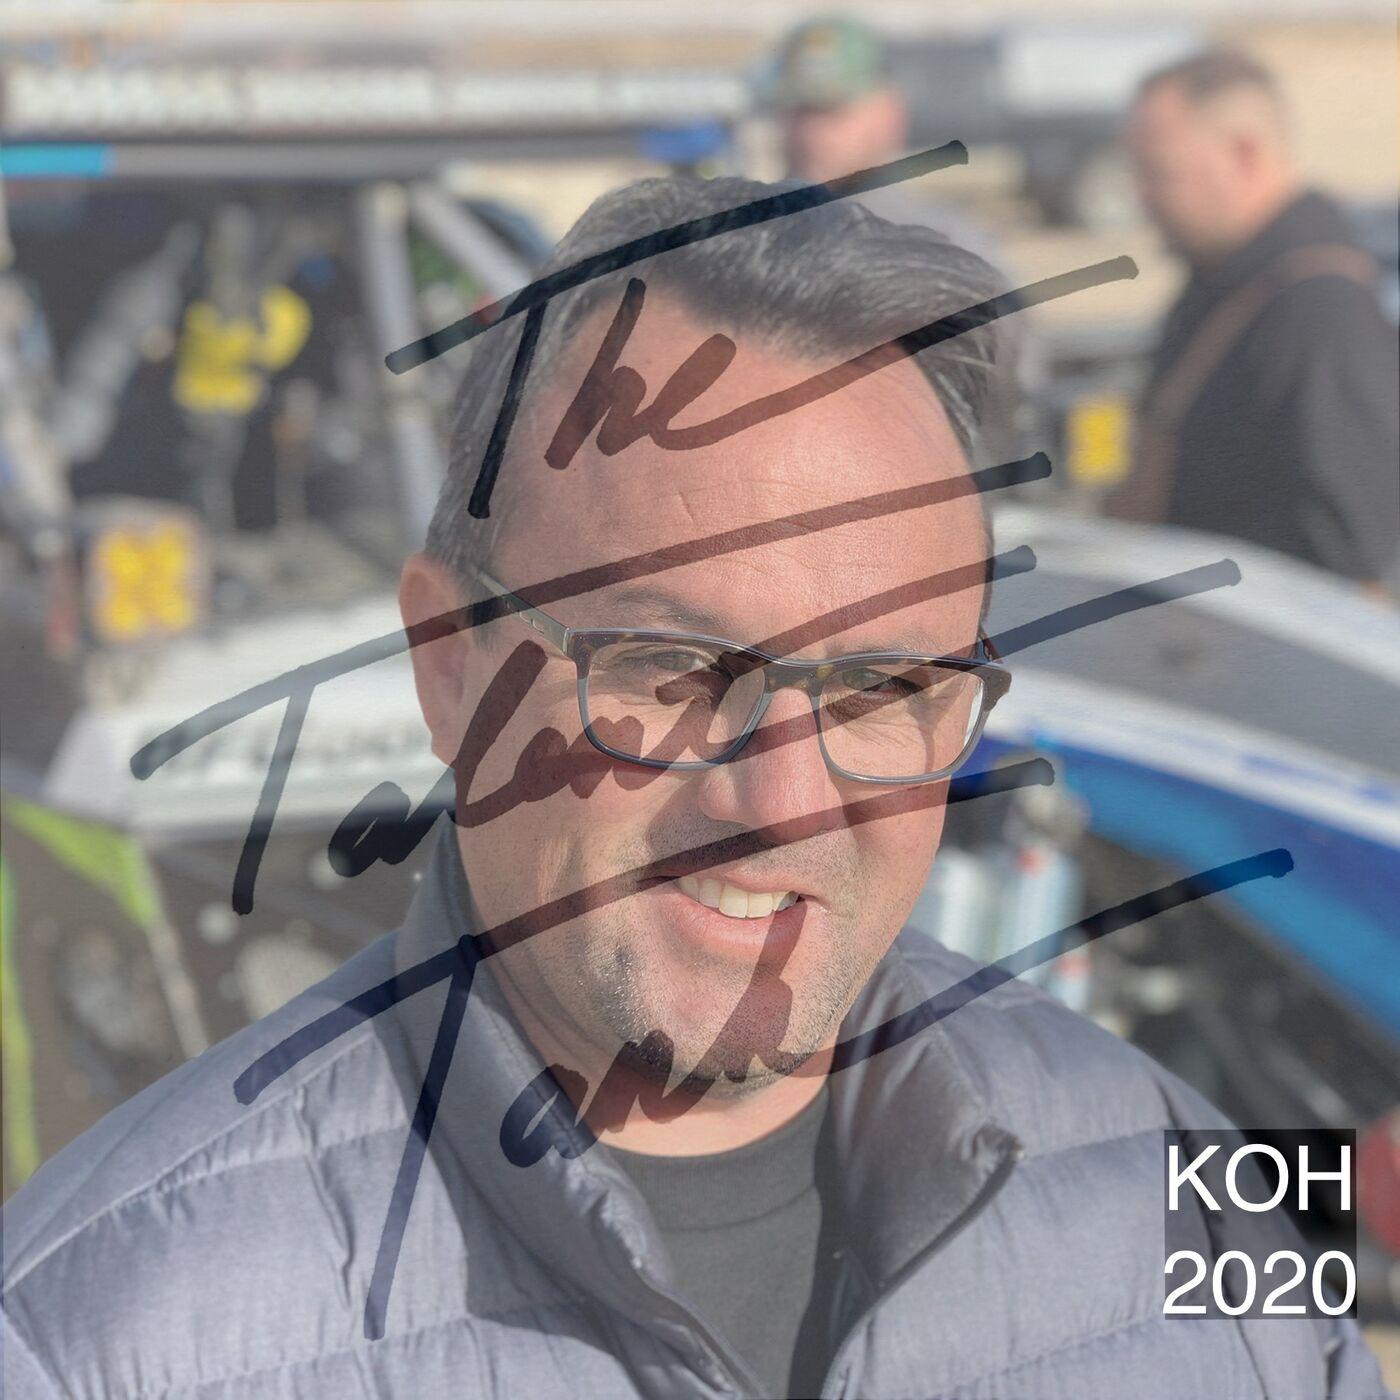 SP 12 KOH2020 Cody Waggoner